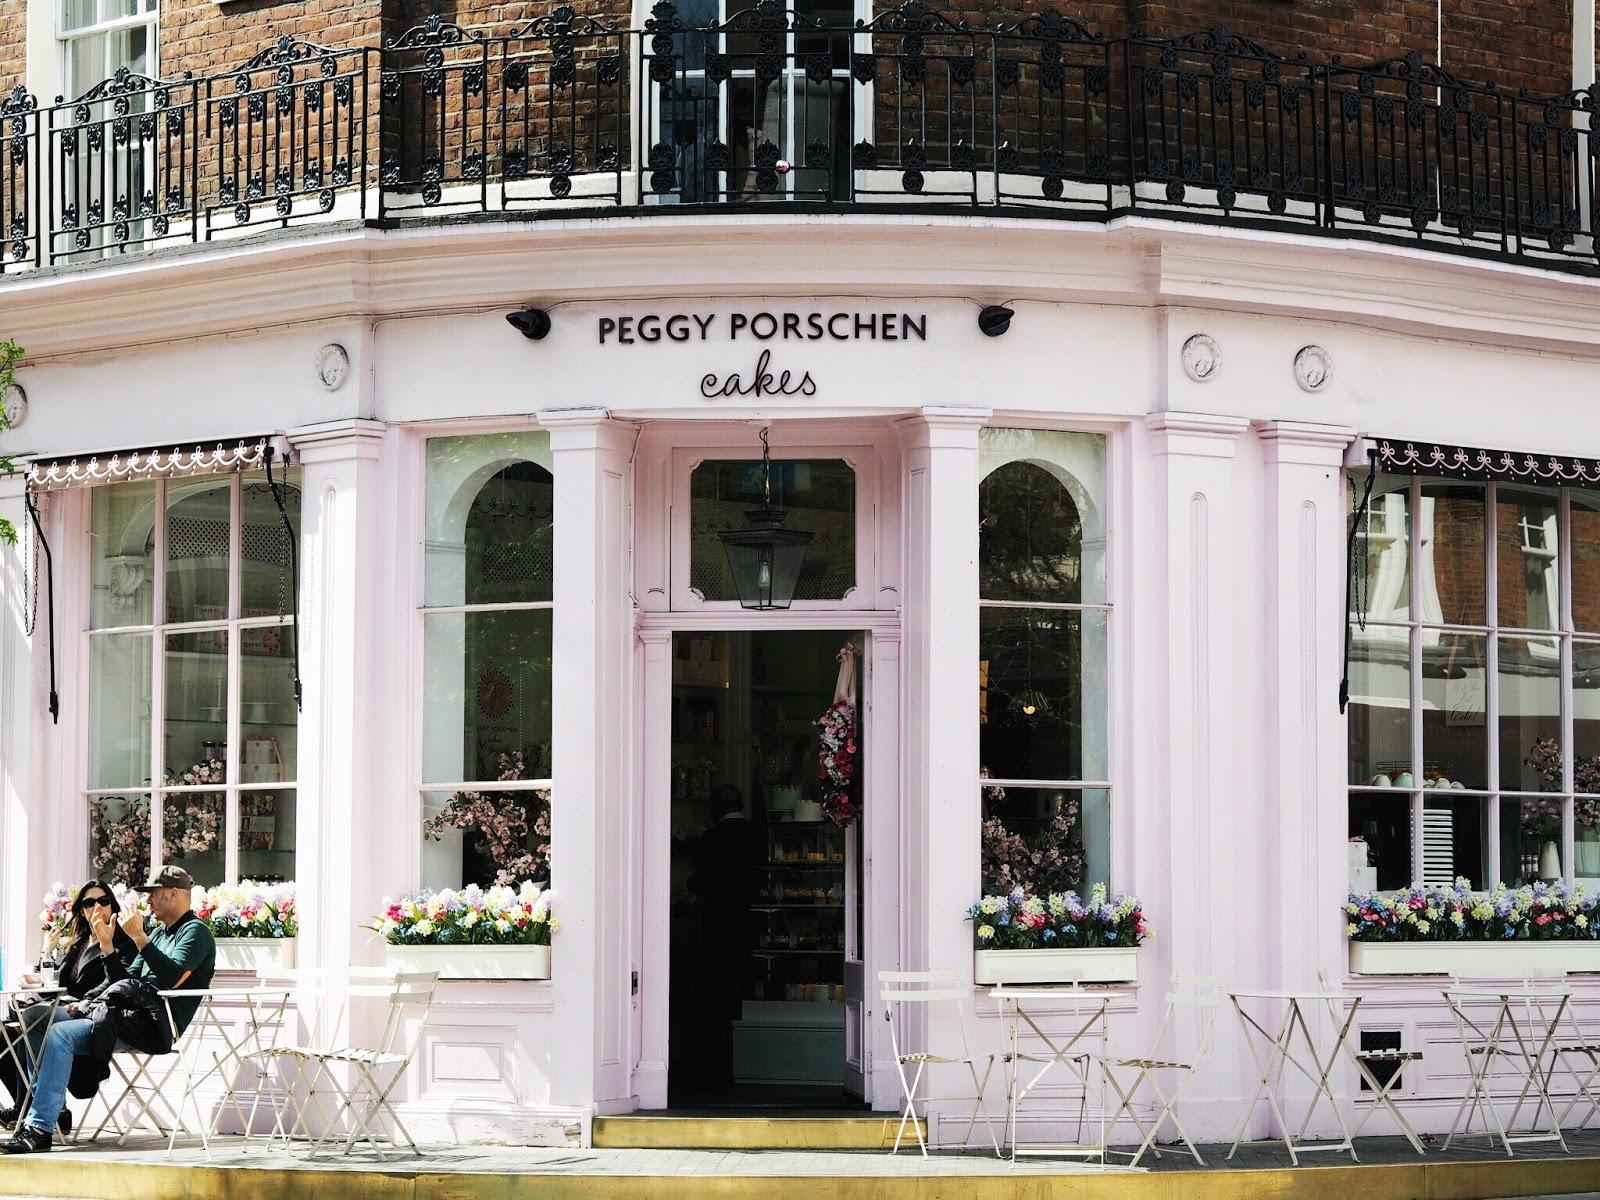 peggy porschen parlour london cakes cupcakes instagram bloggers pink cafe